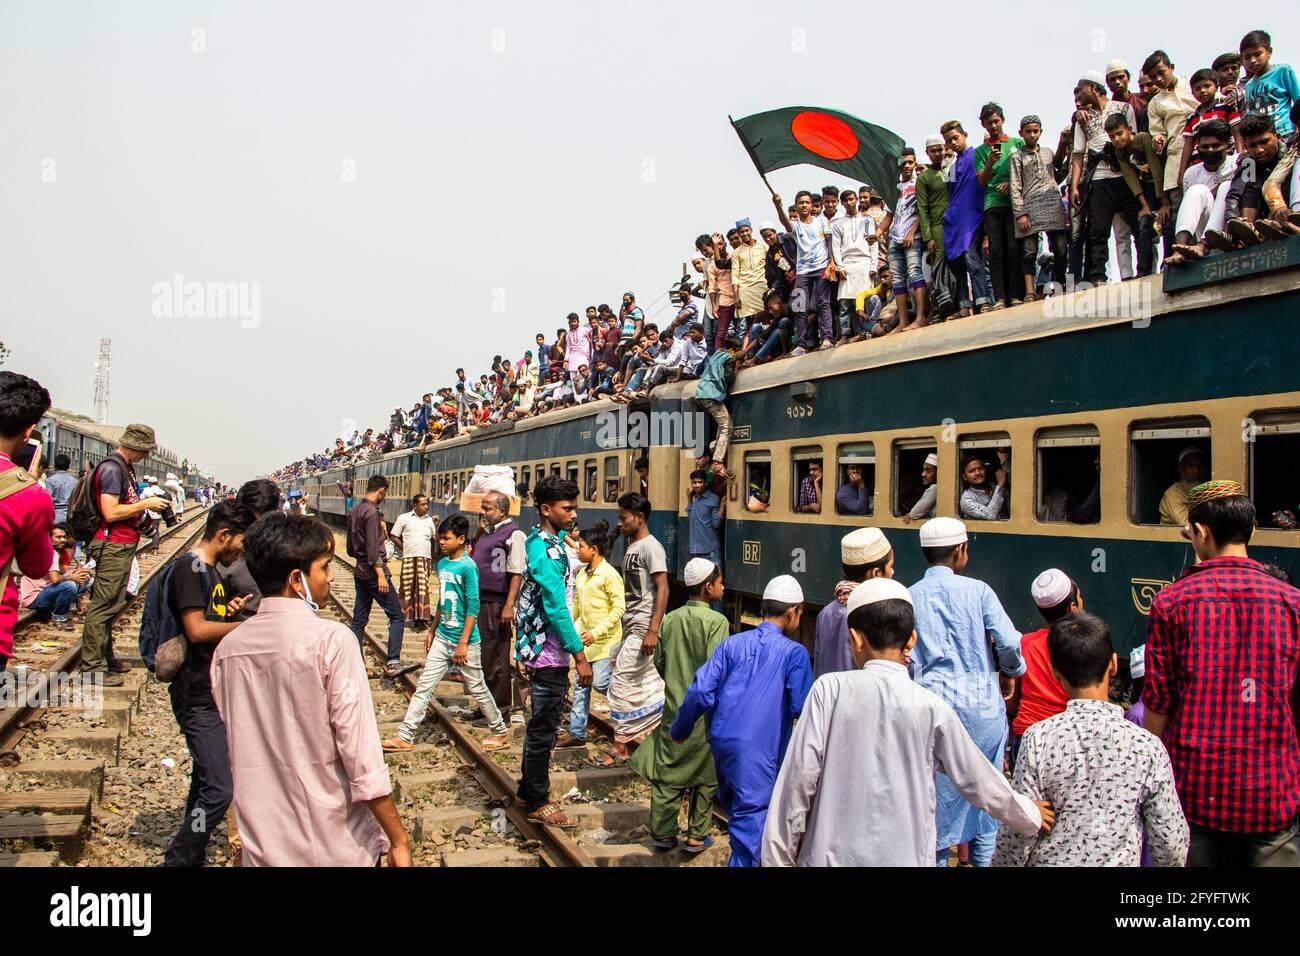 Arriesgado viaje en tren Capturé esta imagen el 19th de febrero de 2019 desde la estación de tren de Tonggi, Dhaka, Bangladesh, Asia del Sur Foto de stock